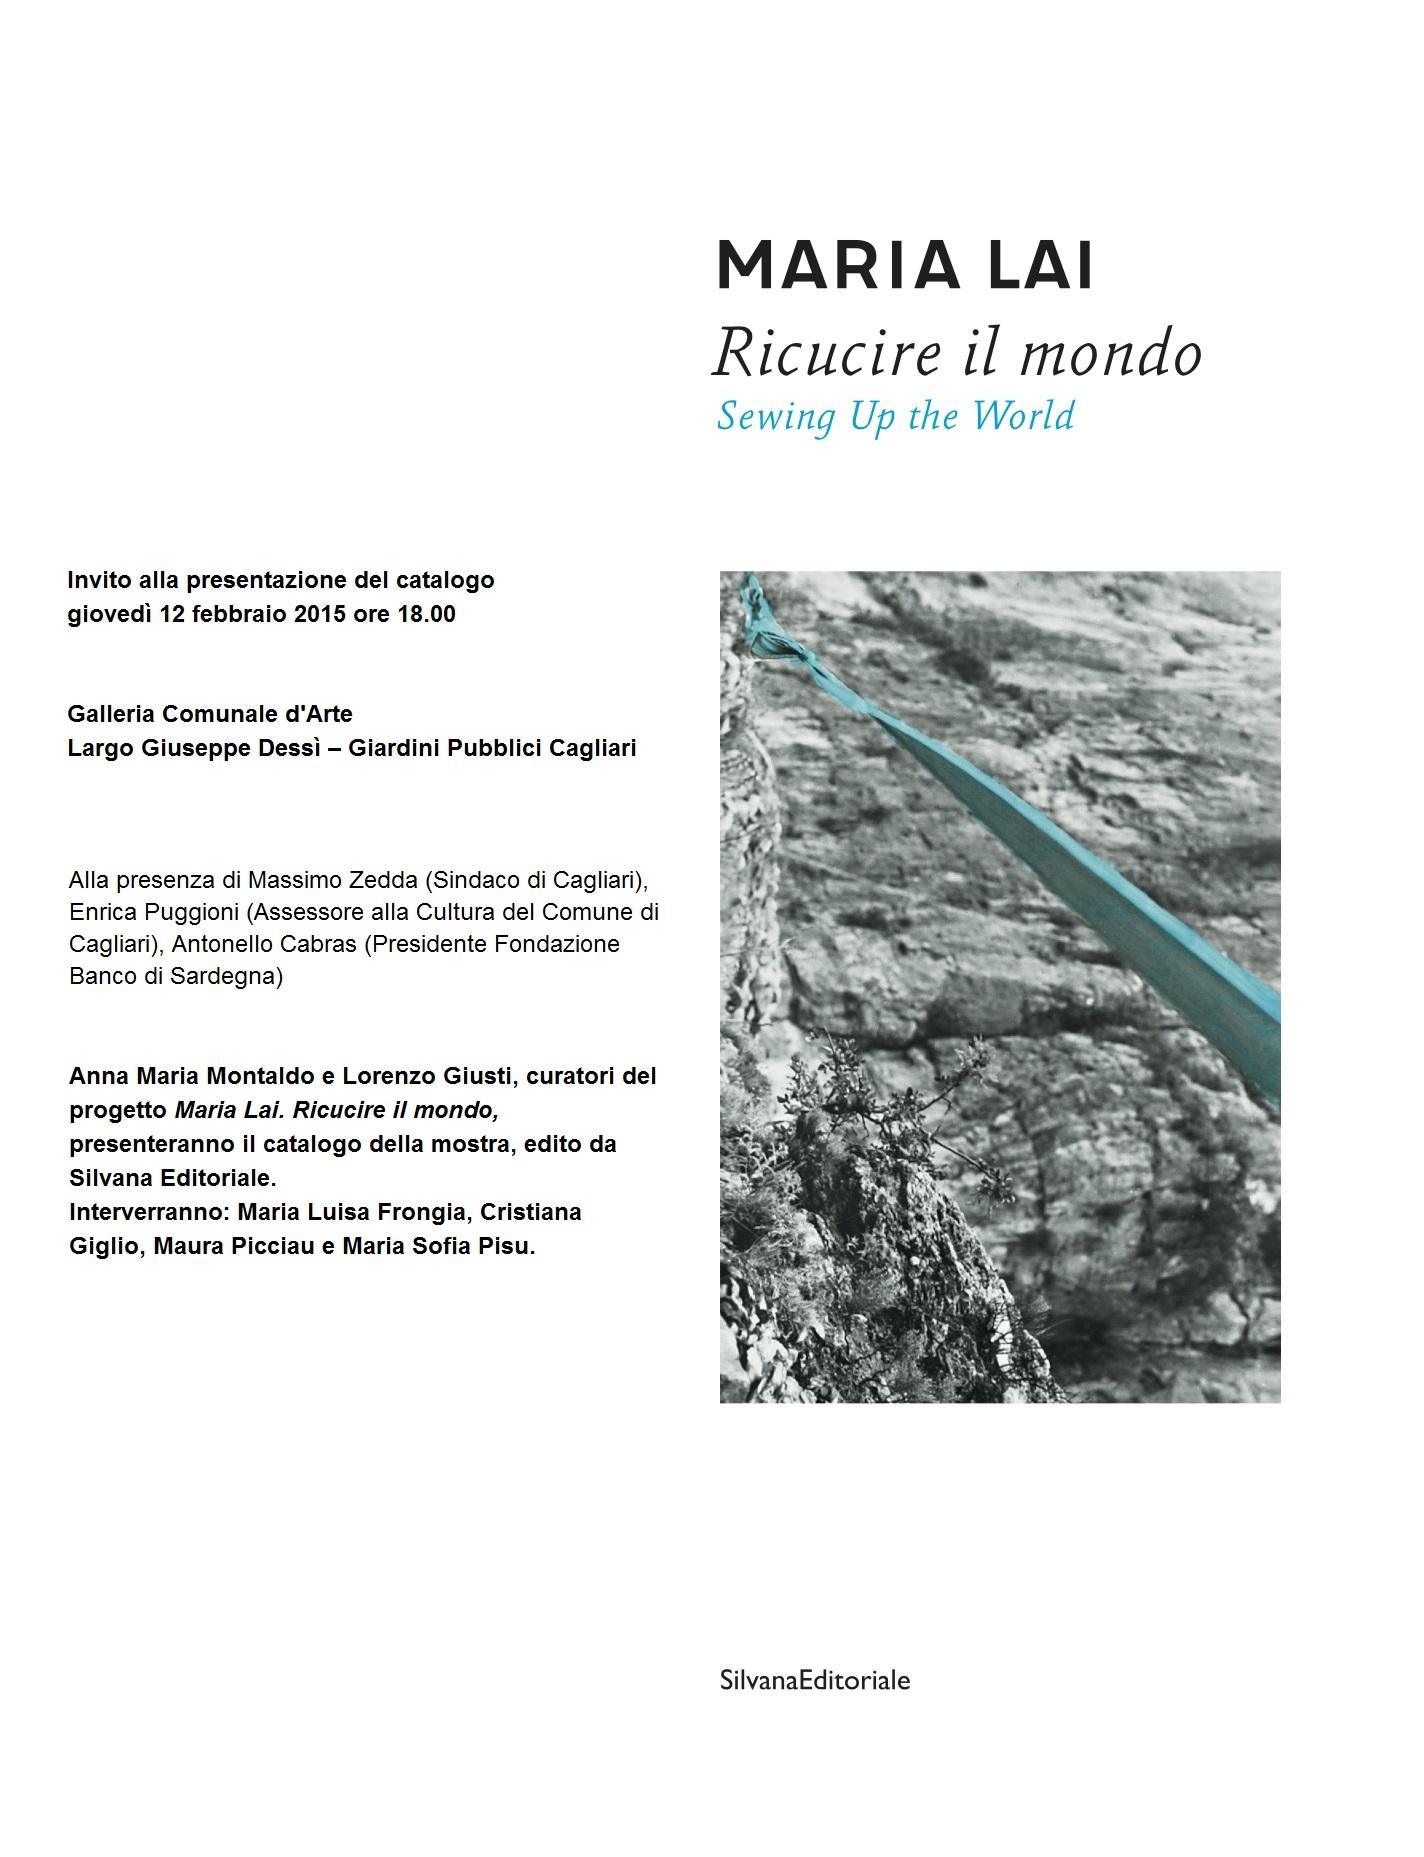 Presentazione catalogo Maria Lai. Ricucire il mondo Galleria Comunale d'Arte – Cagliari giovedì 12 febbraio 2015.